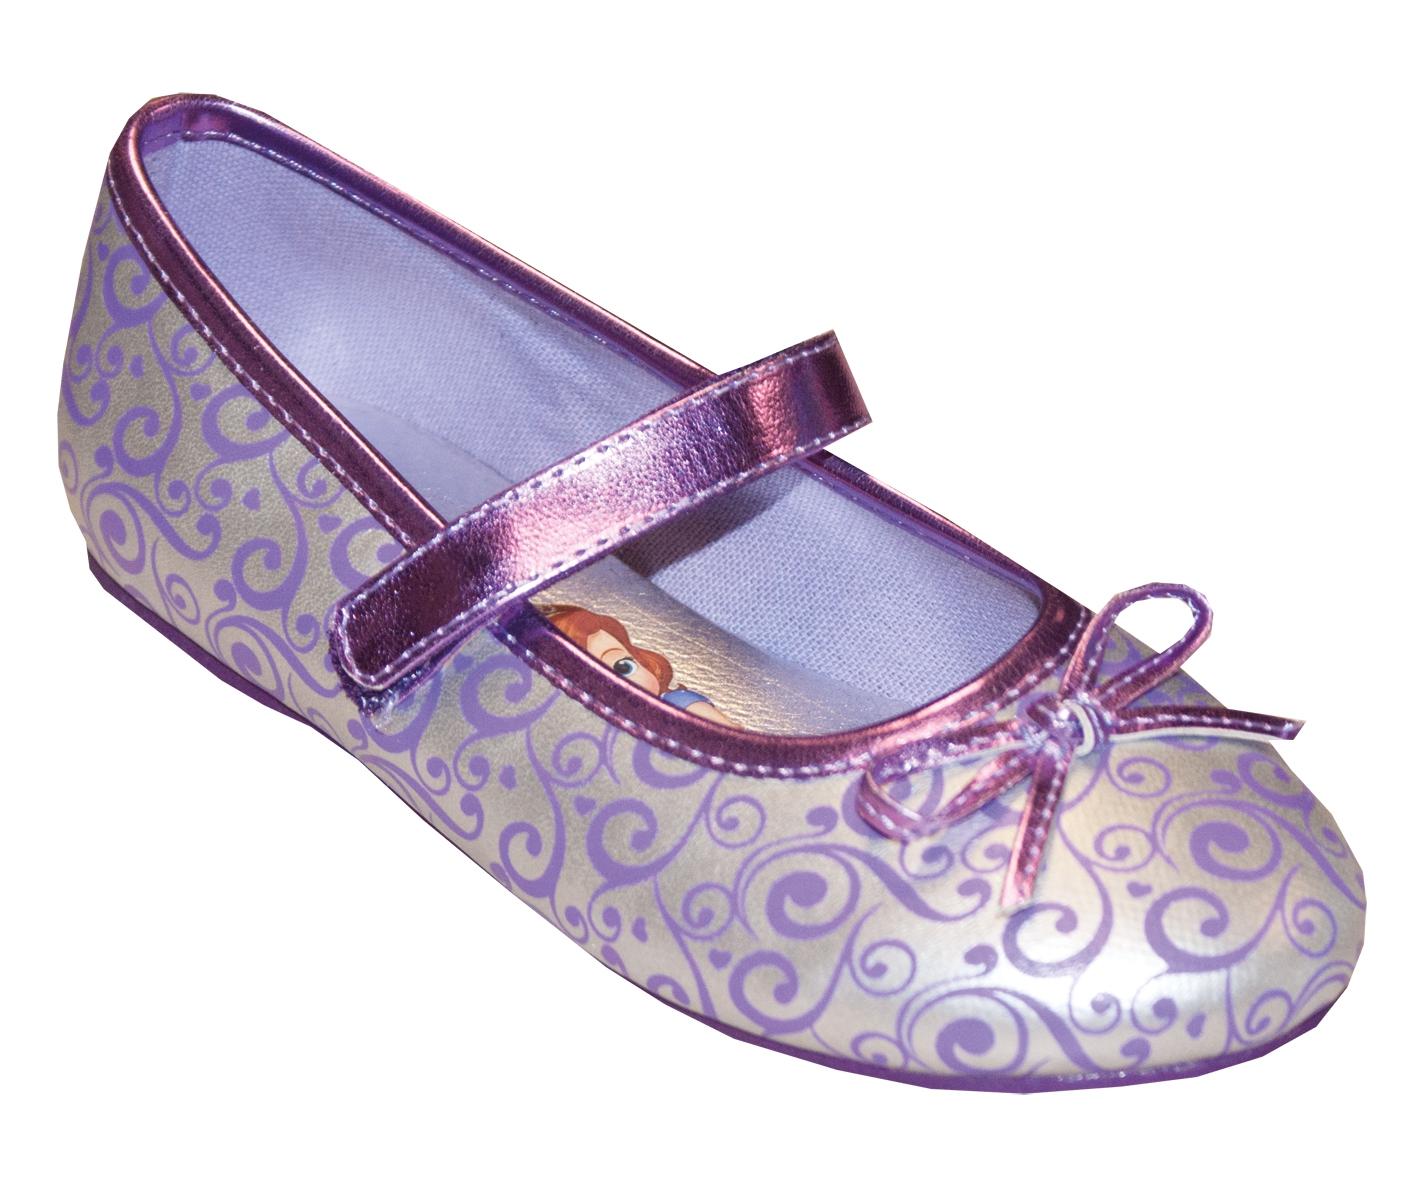 Туфли SOFIA THE FIRST Туфли для девочки Sofia the First, сиреневые пантолеты для девочки sofia the first голубые